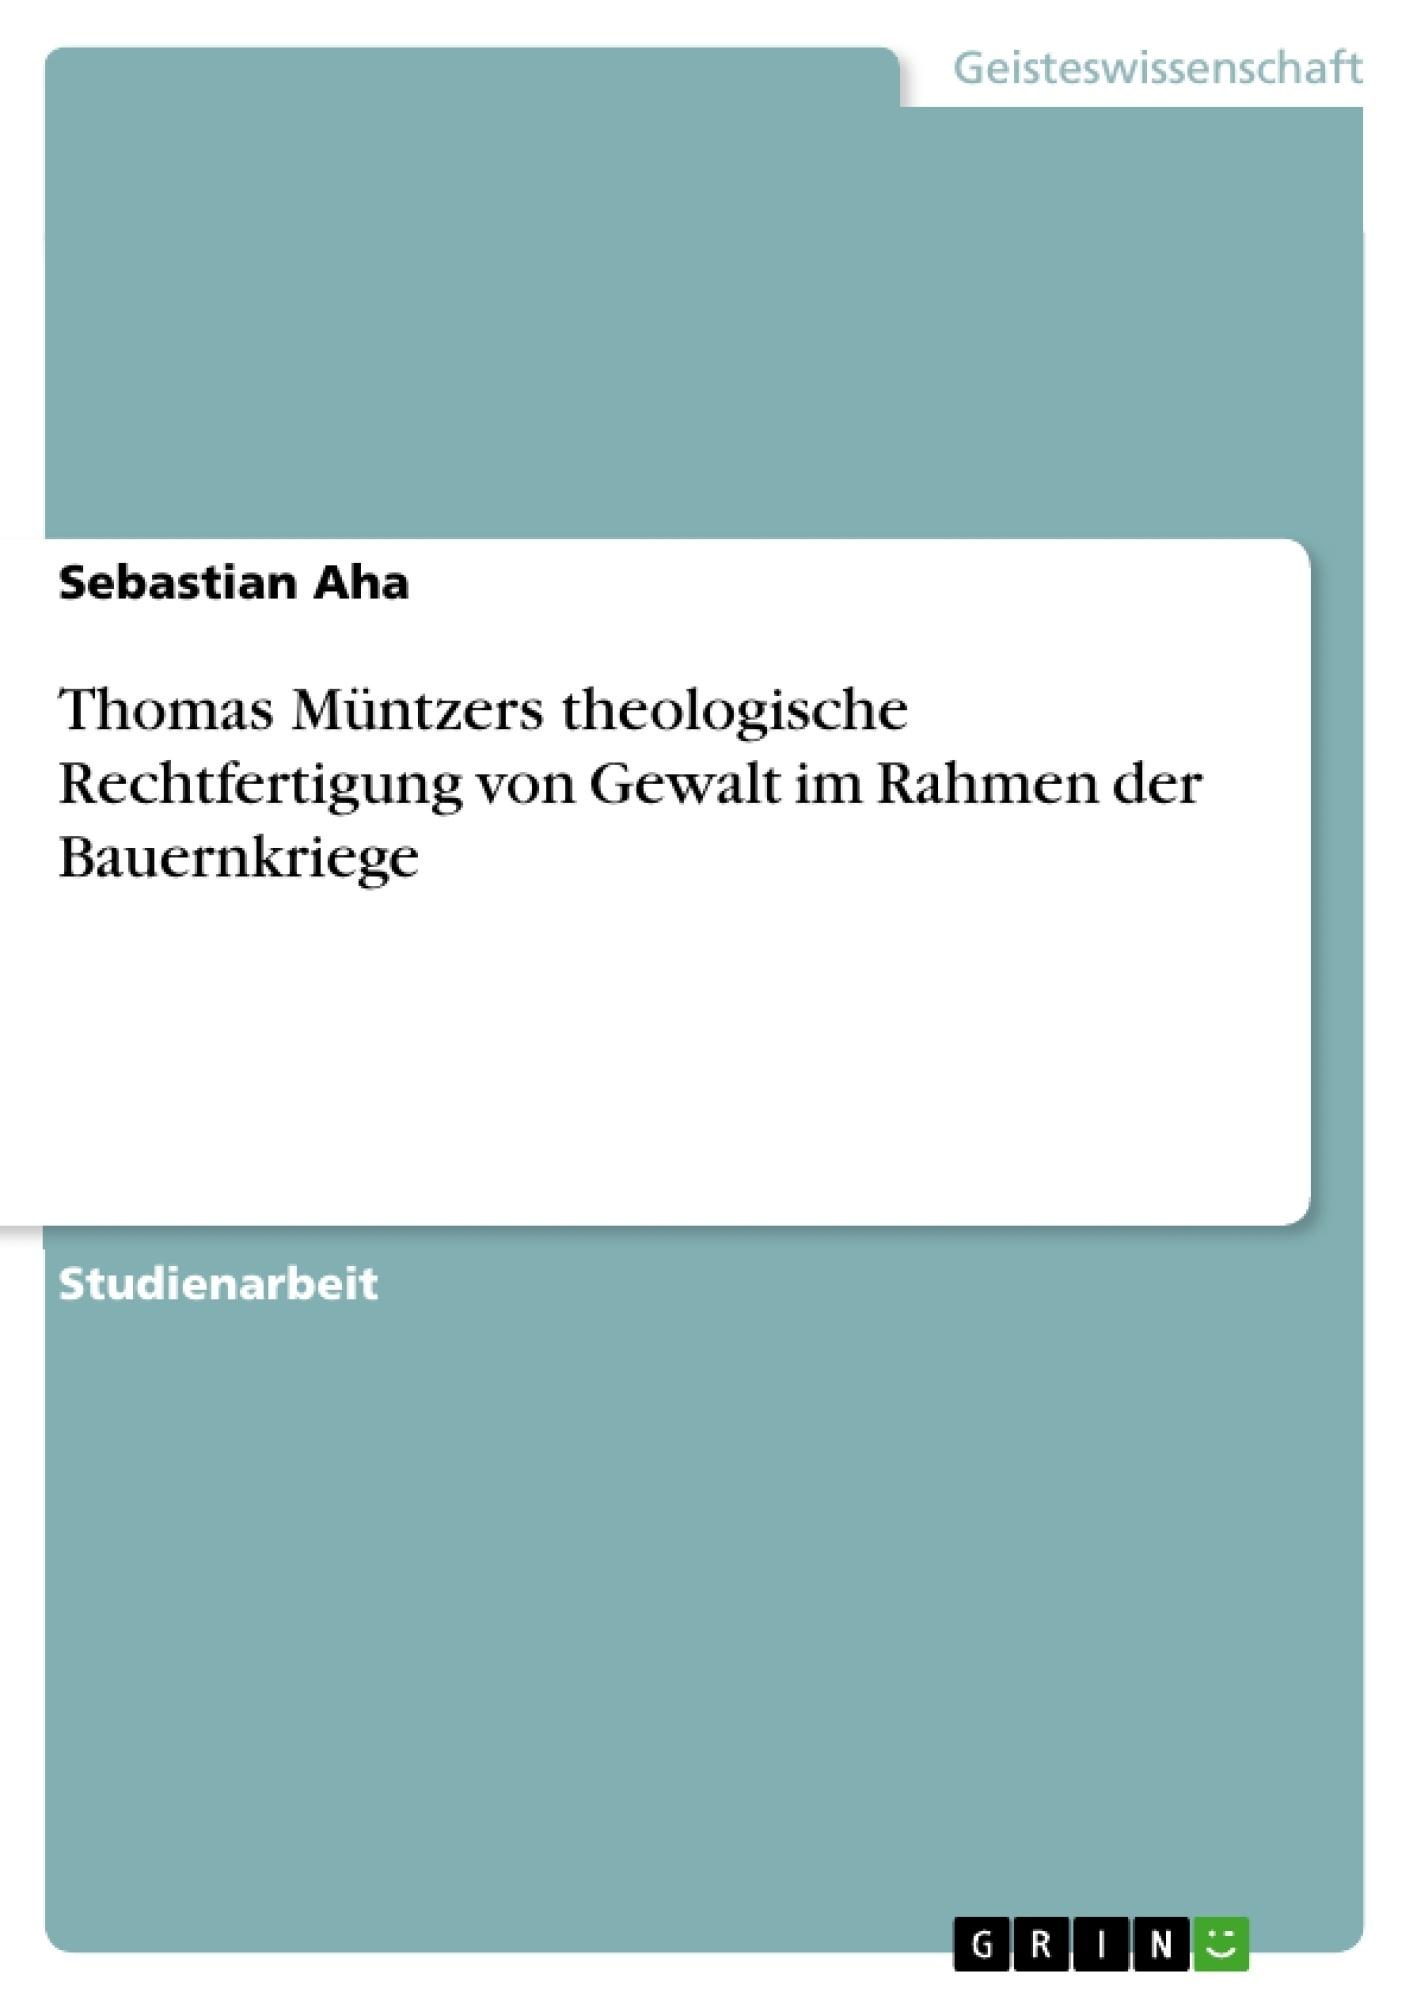 Titel: Thomas Müntzers theologische Rechtfertigung von Gewalt im Rahmen der Bauernkriege